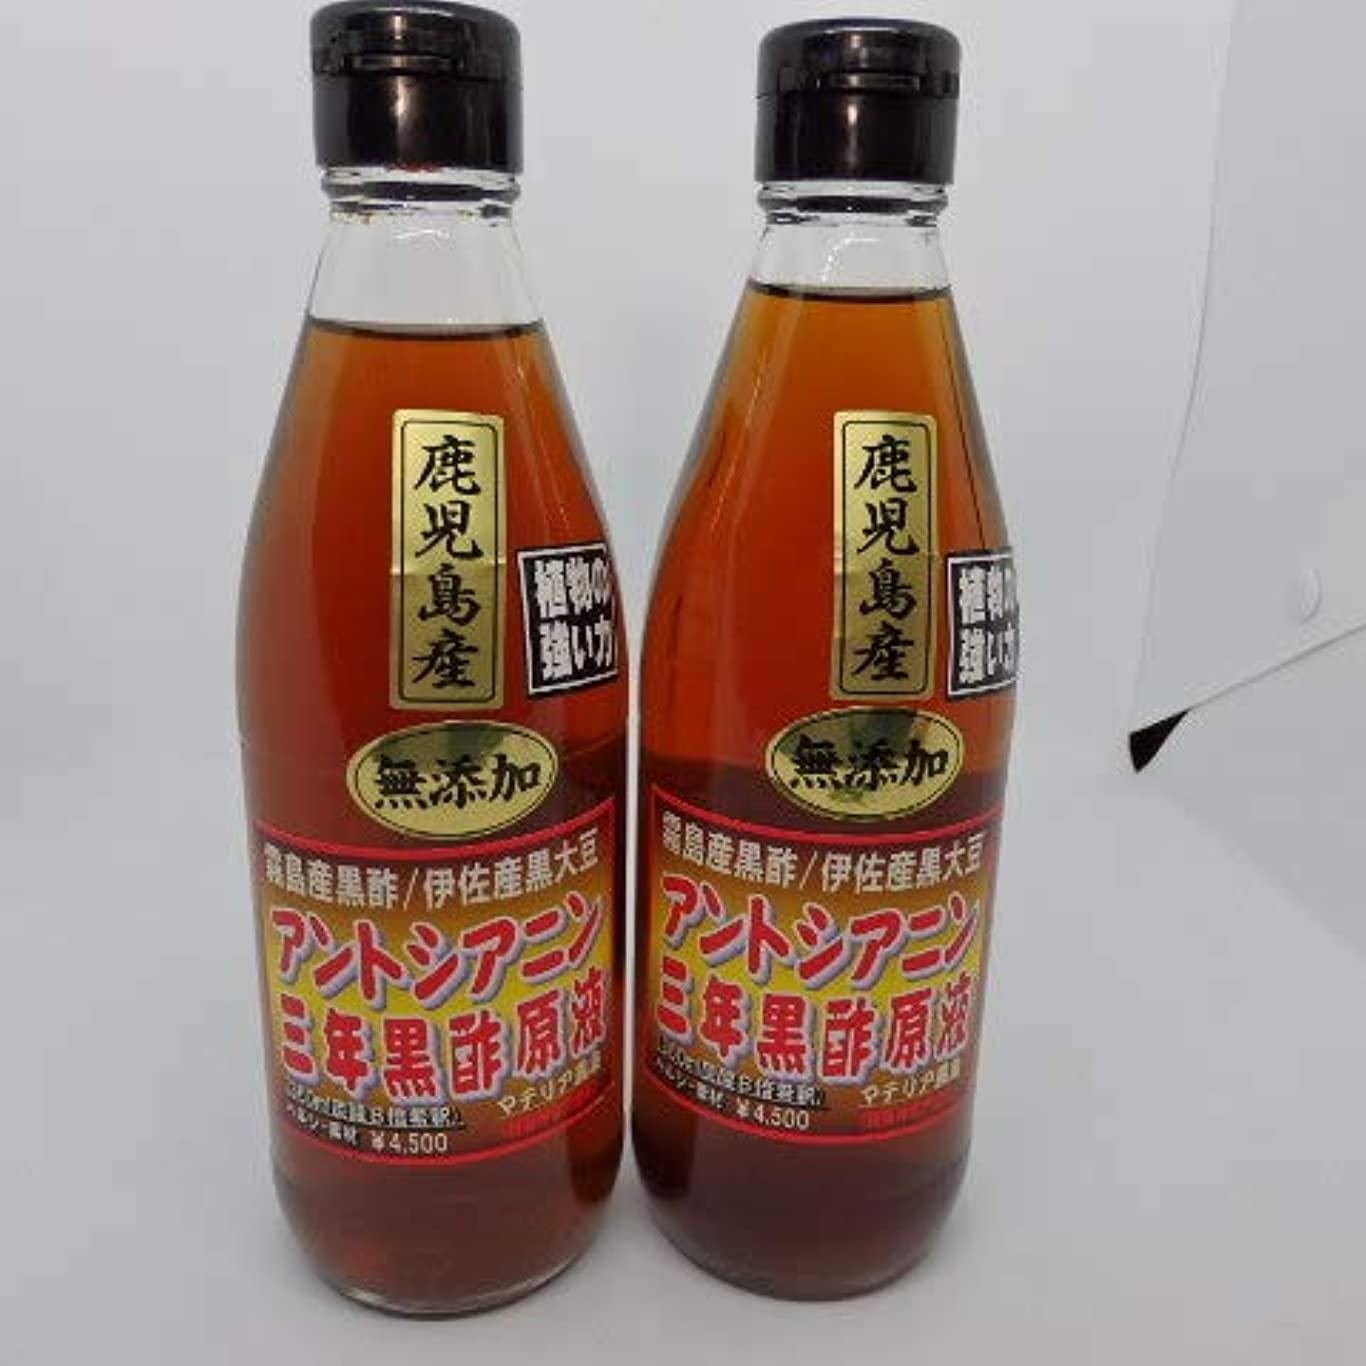 予約言い訳お茶無添加健康食品/アントシアニン原液/無添加/黒酢黒豆三年熟成(360ml)×2組6月分¥7,300